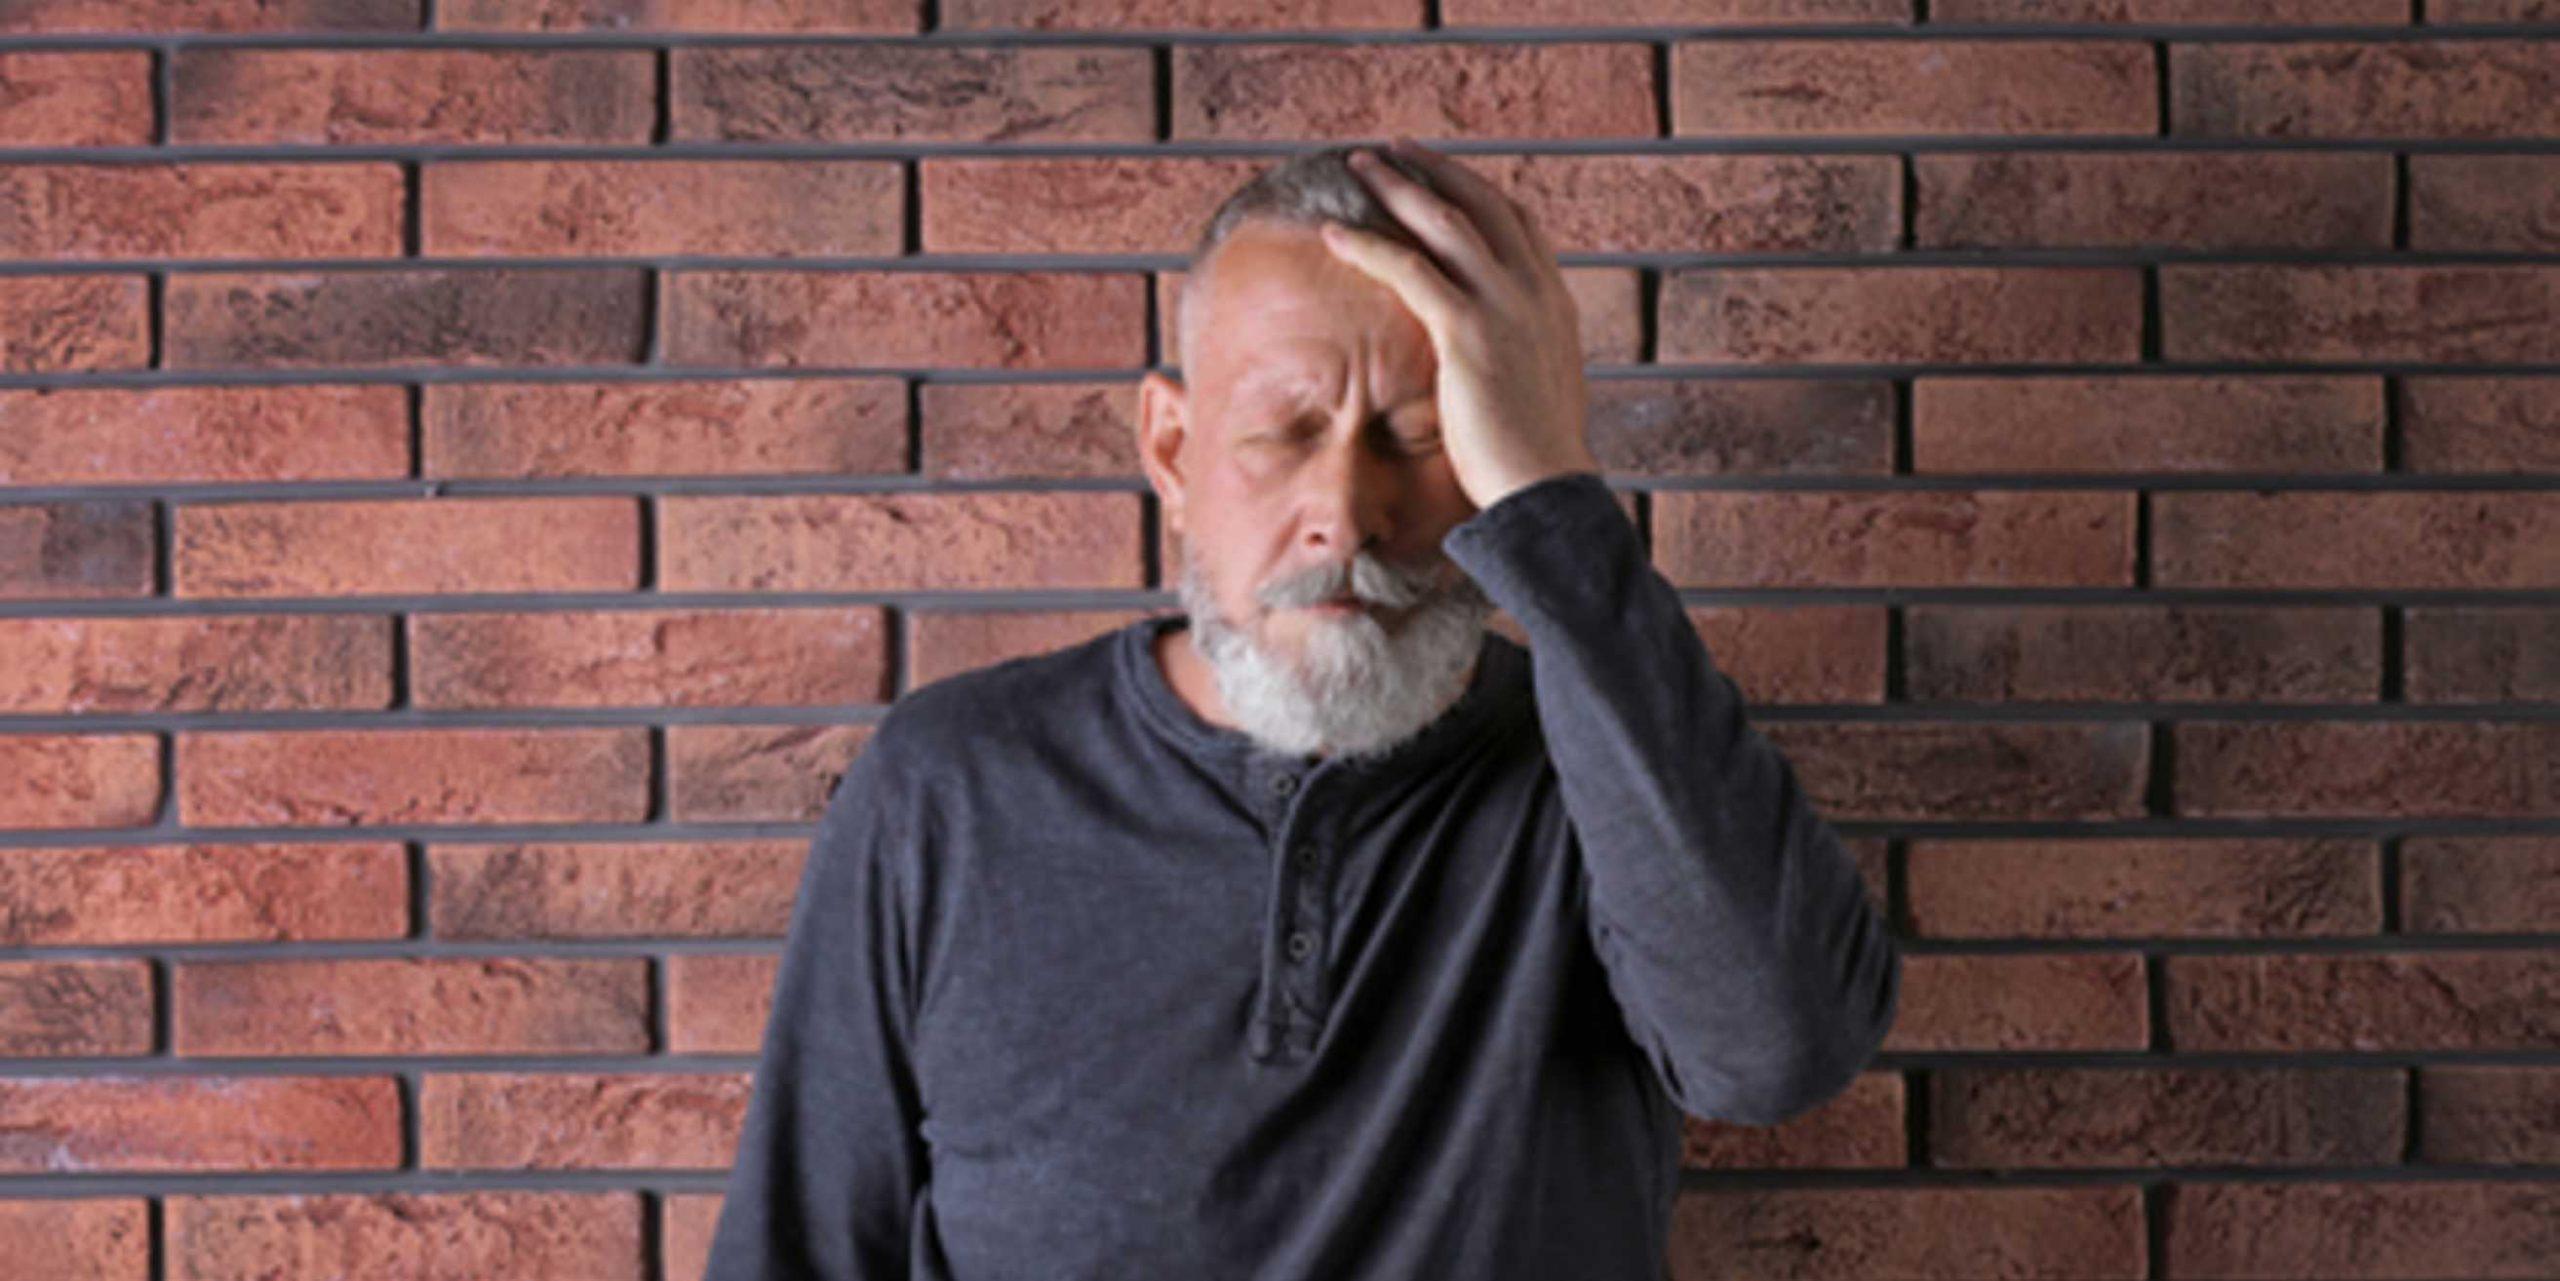 Psychische Belastung kein Grund für Zahlungsverzug